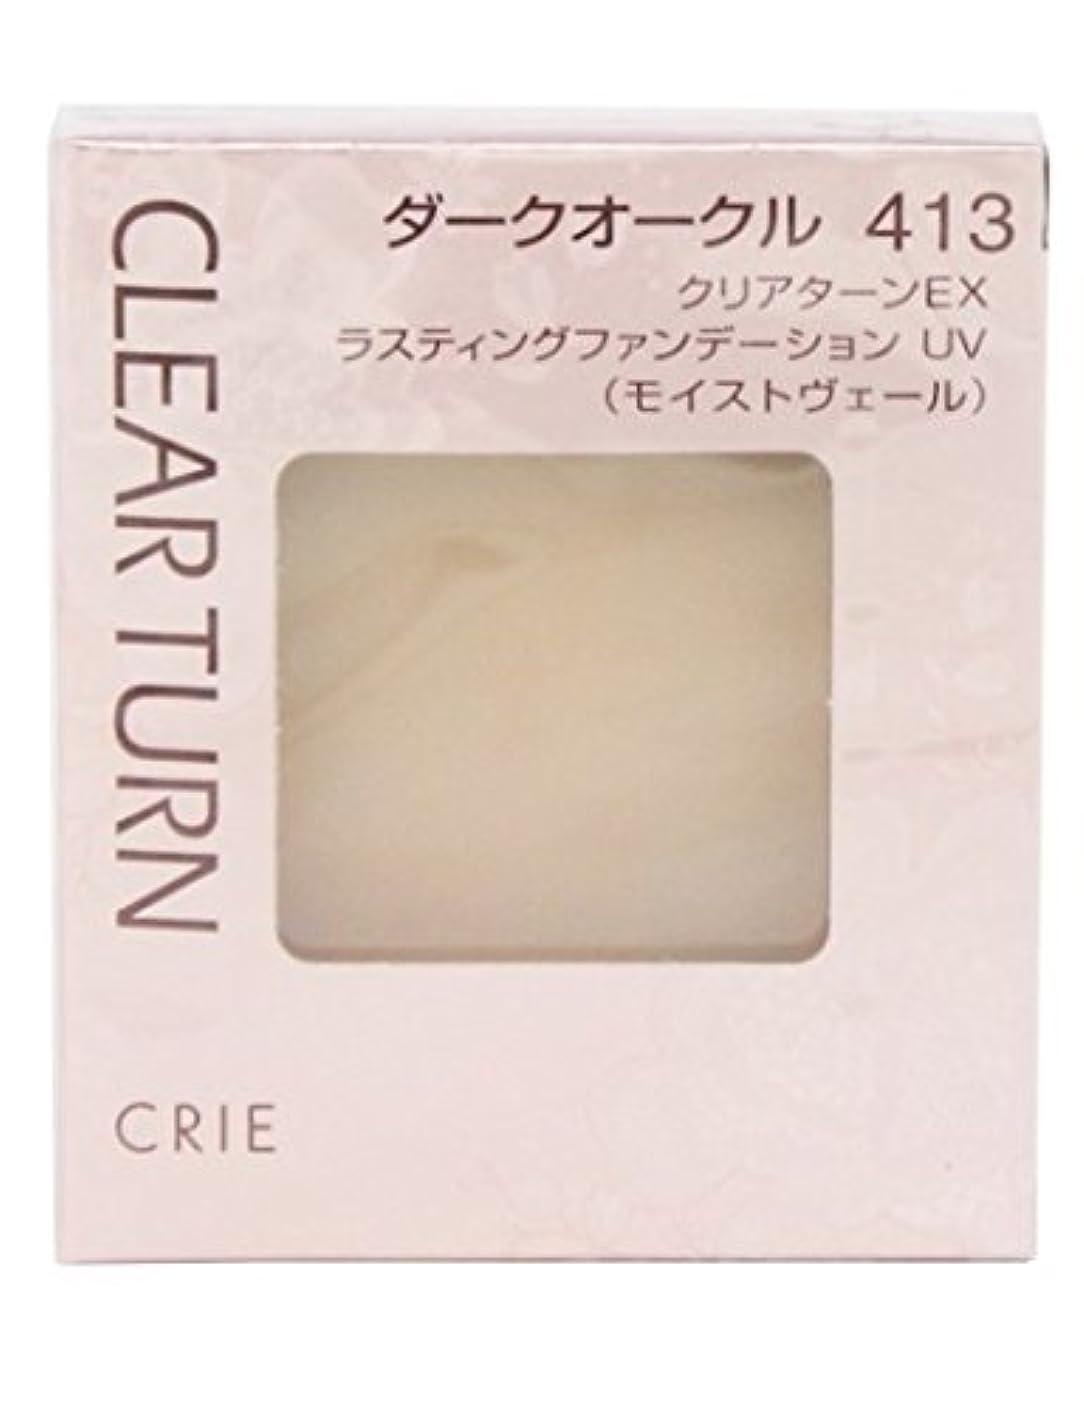 預言者いっぱい放置クリエ(CRIE) クリアターンEX ラスティングファンデーション UV (モイストヴェール) #413 ダークオークル 9.5g